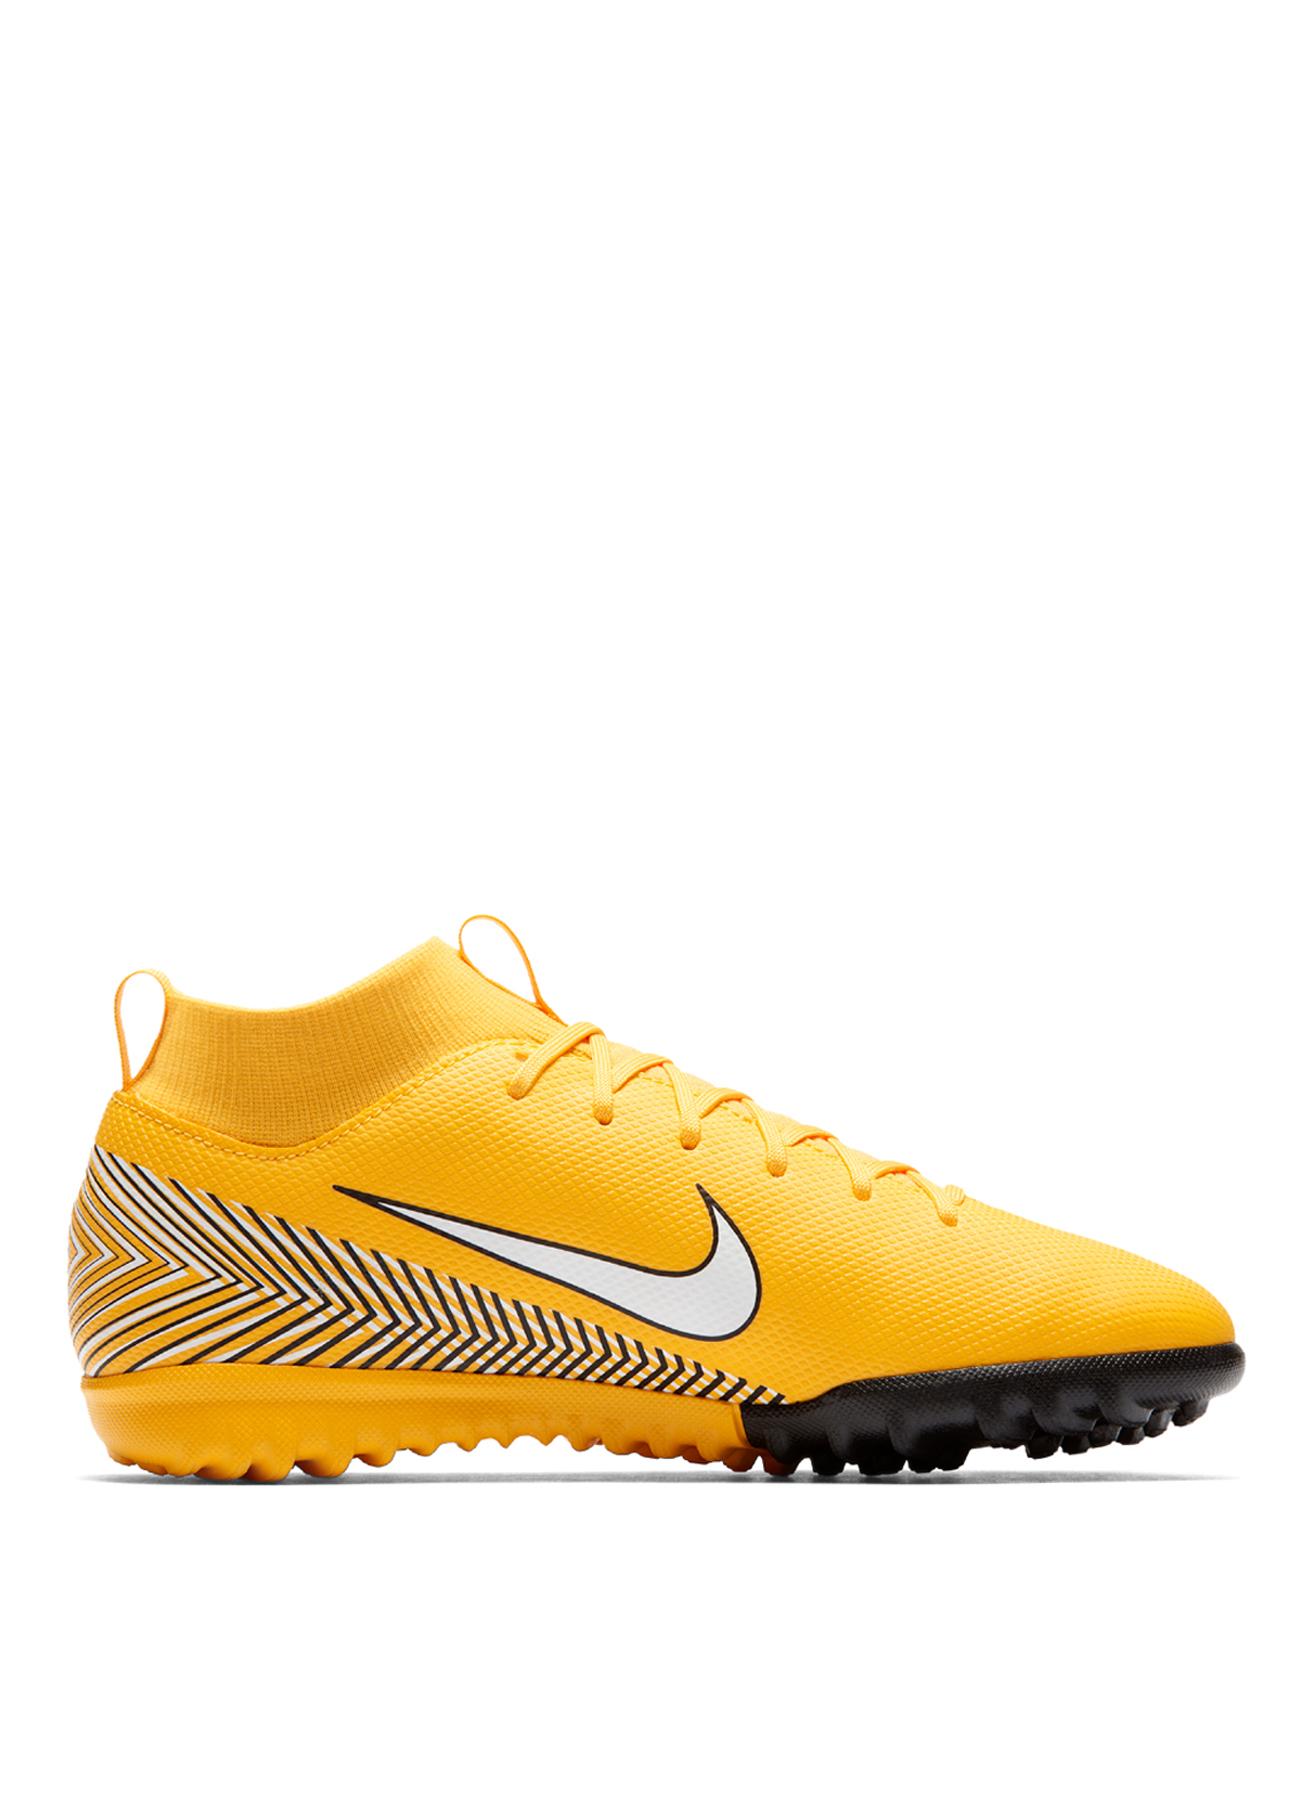 Nike Halı Saha Ayakkabısı 37.5 5001635482008 Ürün Resmi